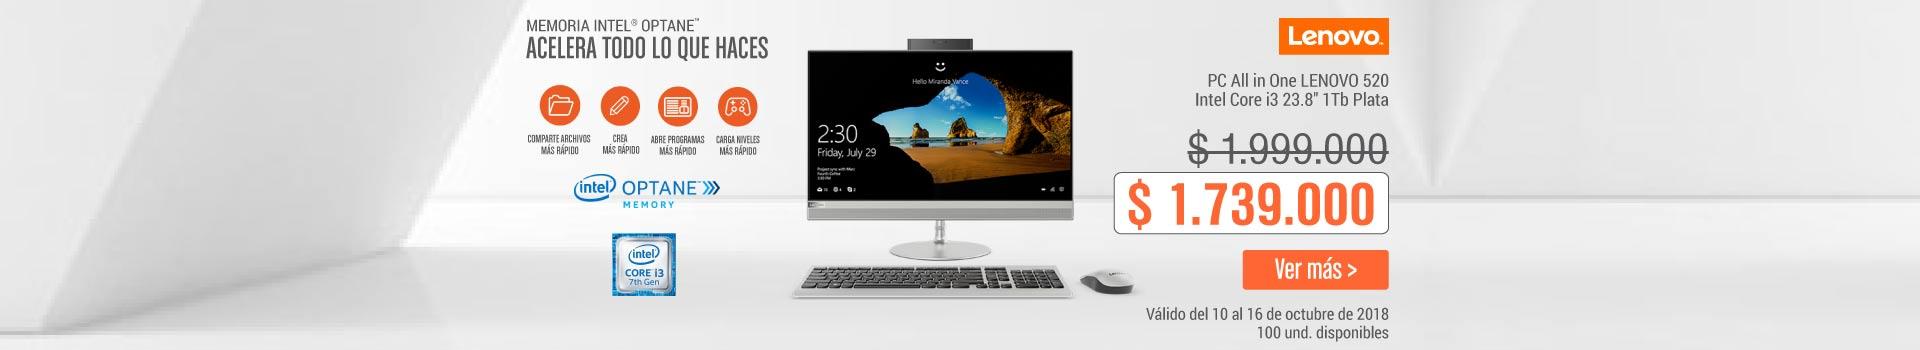 AK-KT-BCAT-5-computadores y tablets-PP-EXP-Intel-AIO 520-Oct13